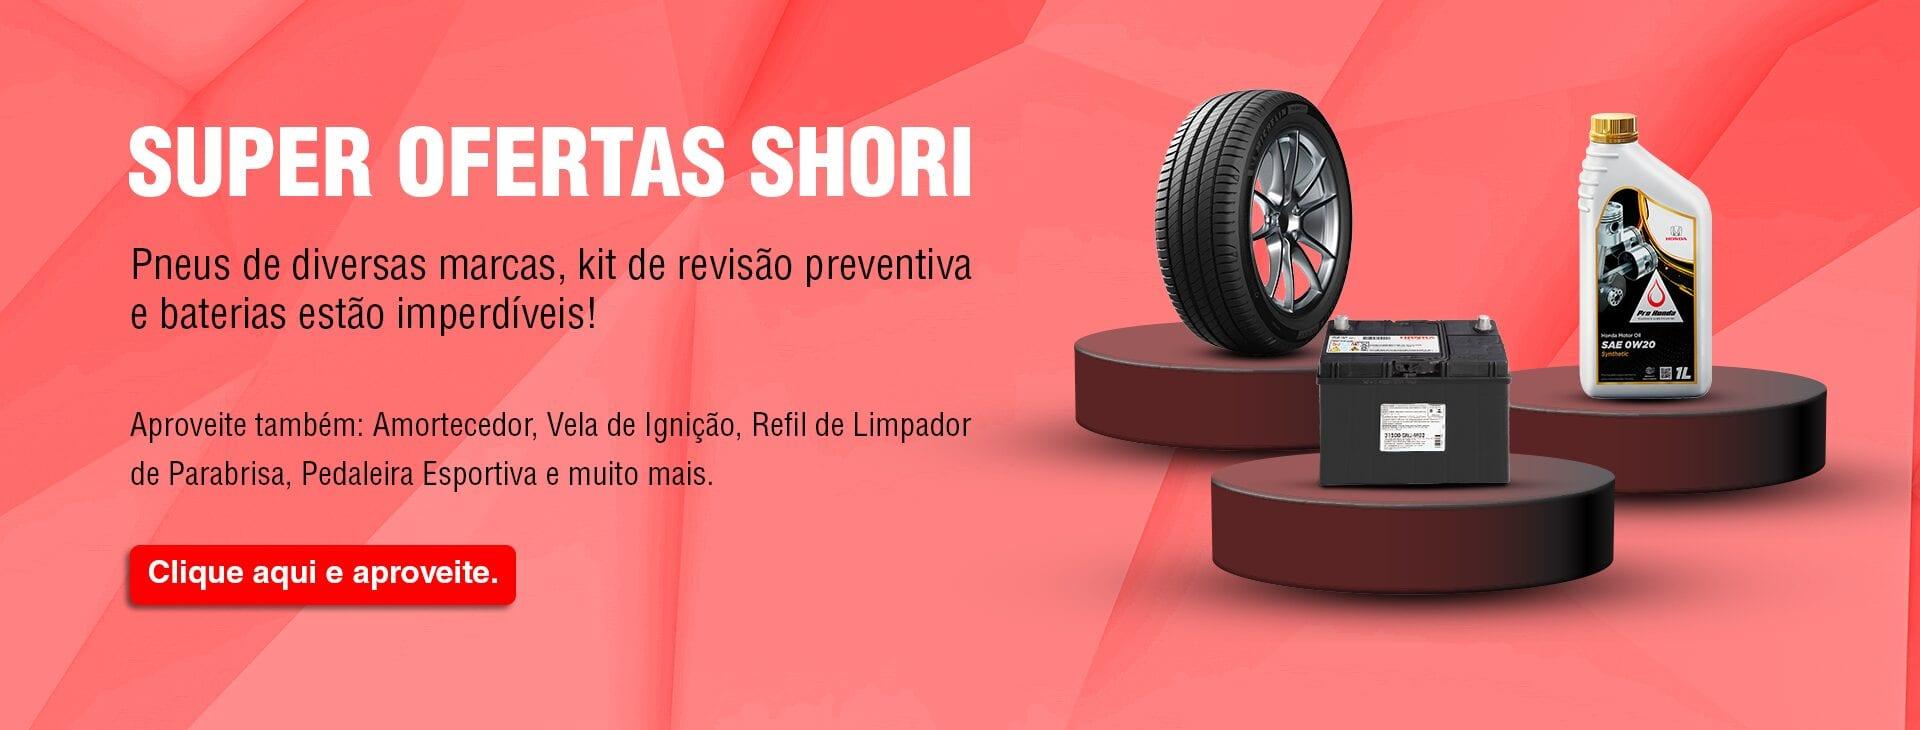 Shori - Ofertas para o seu Honda